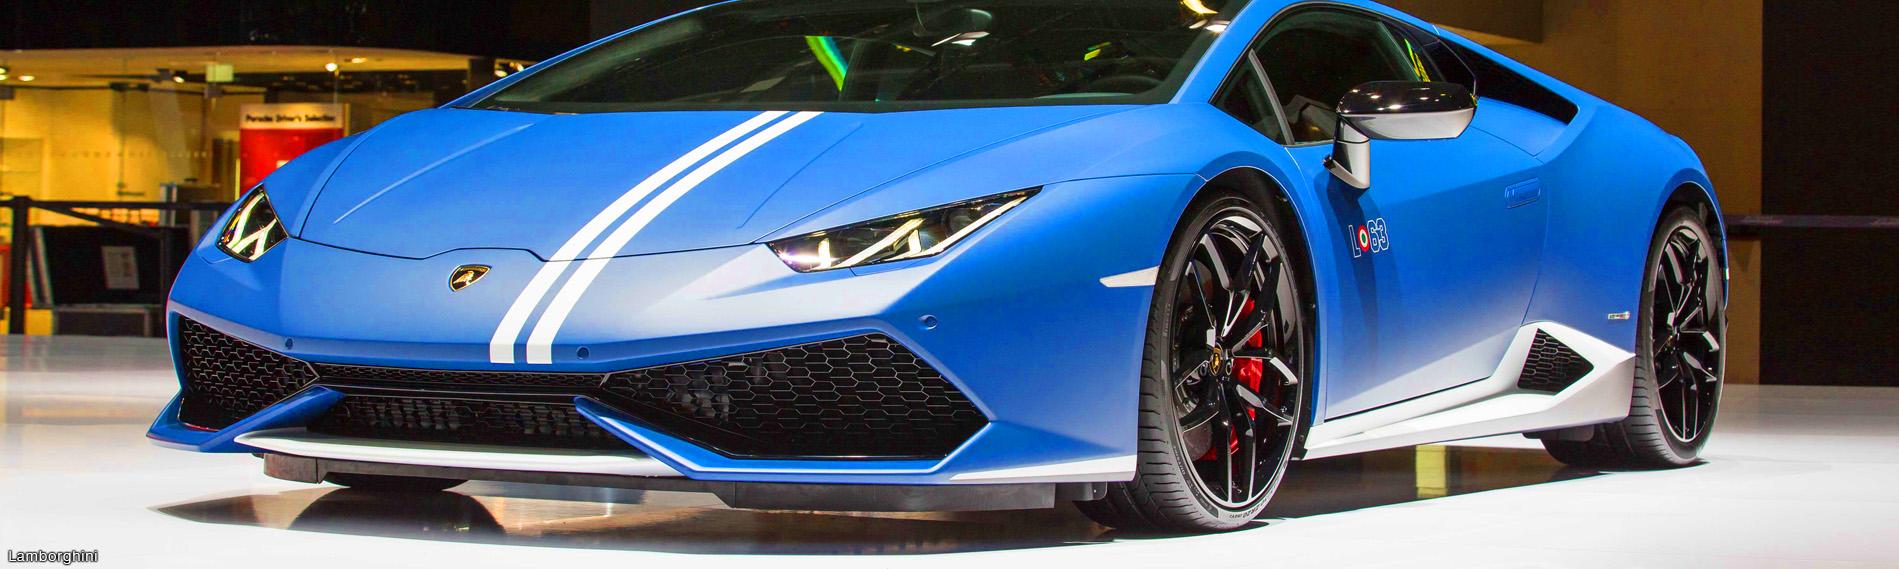 Lamborghini presentó última versión del Huracán y nuevo presidente